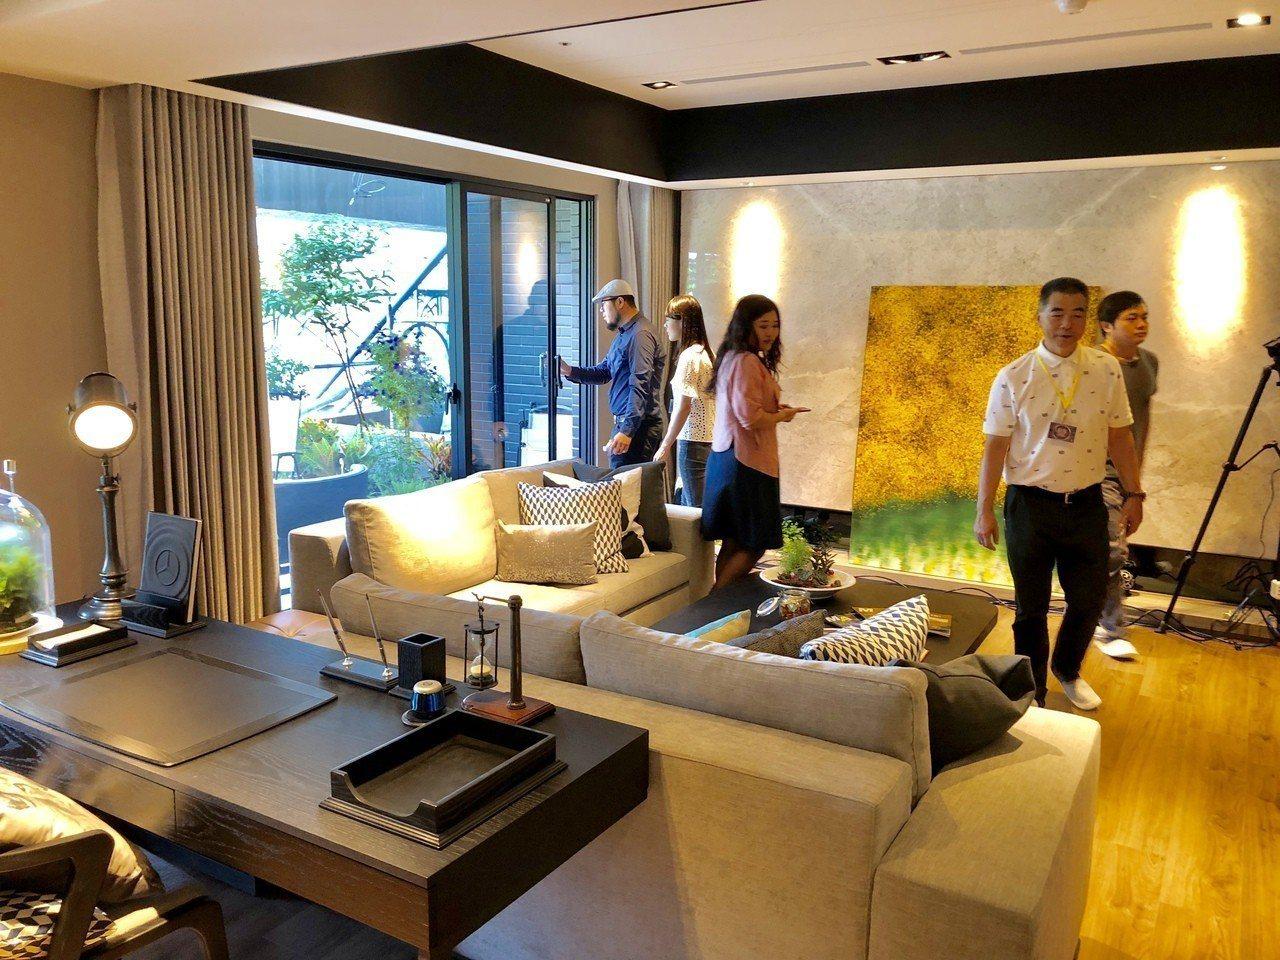 「聯富和慕」規劃47至83坪的三、四房格局,目前開放園區員工申購的坪數以47至5...